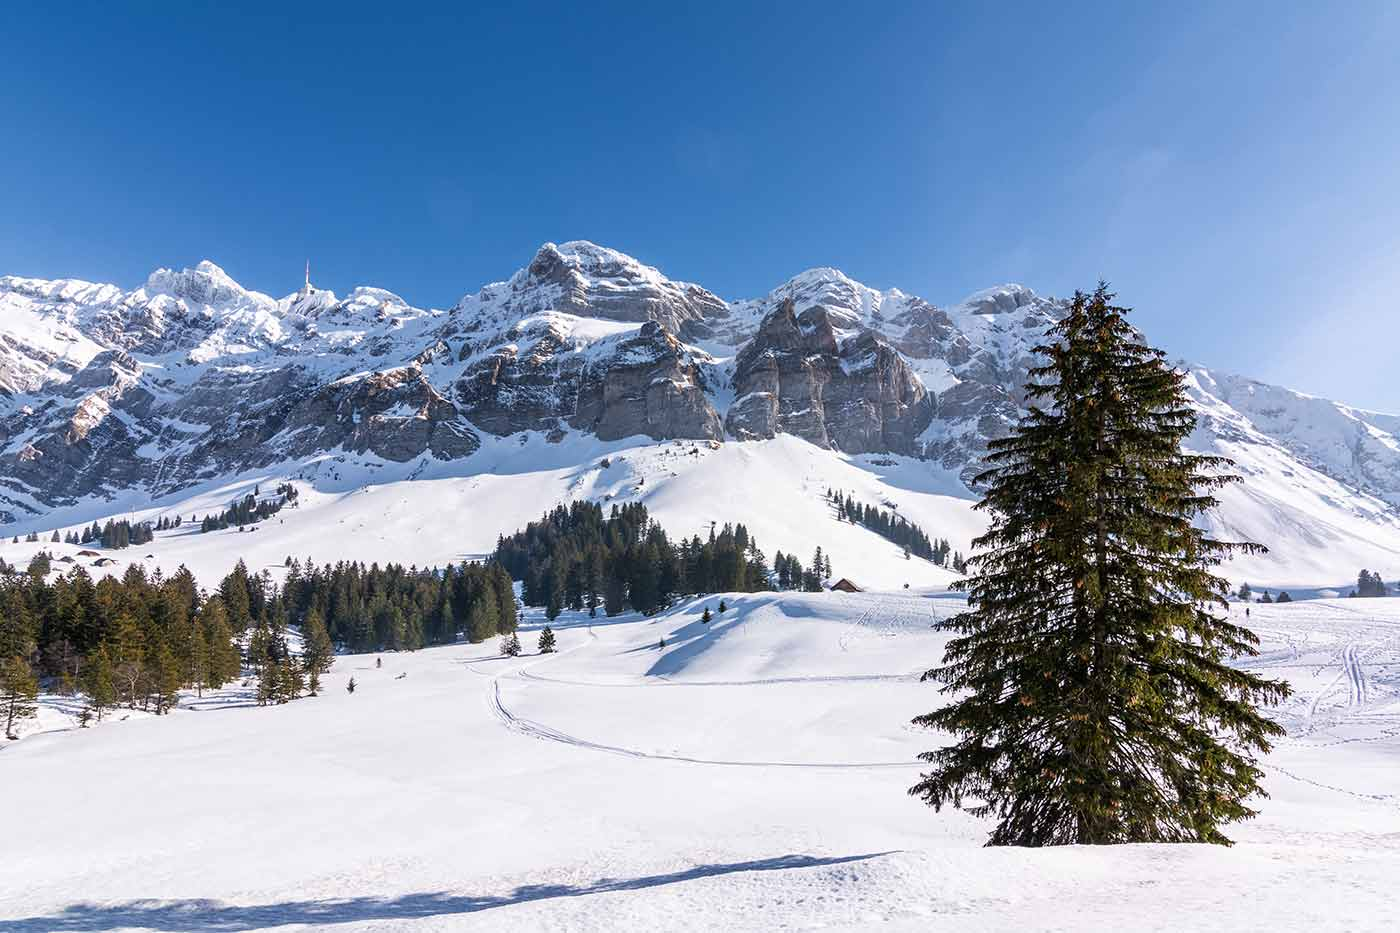 Der Berg Säntis vom Kanton St. Gallen aus gesehen